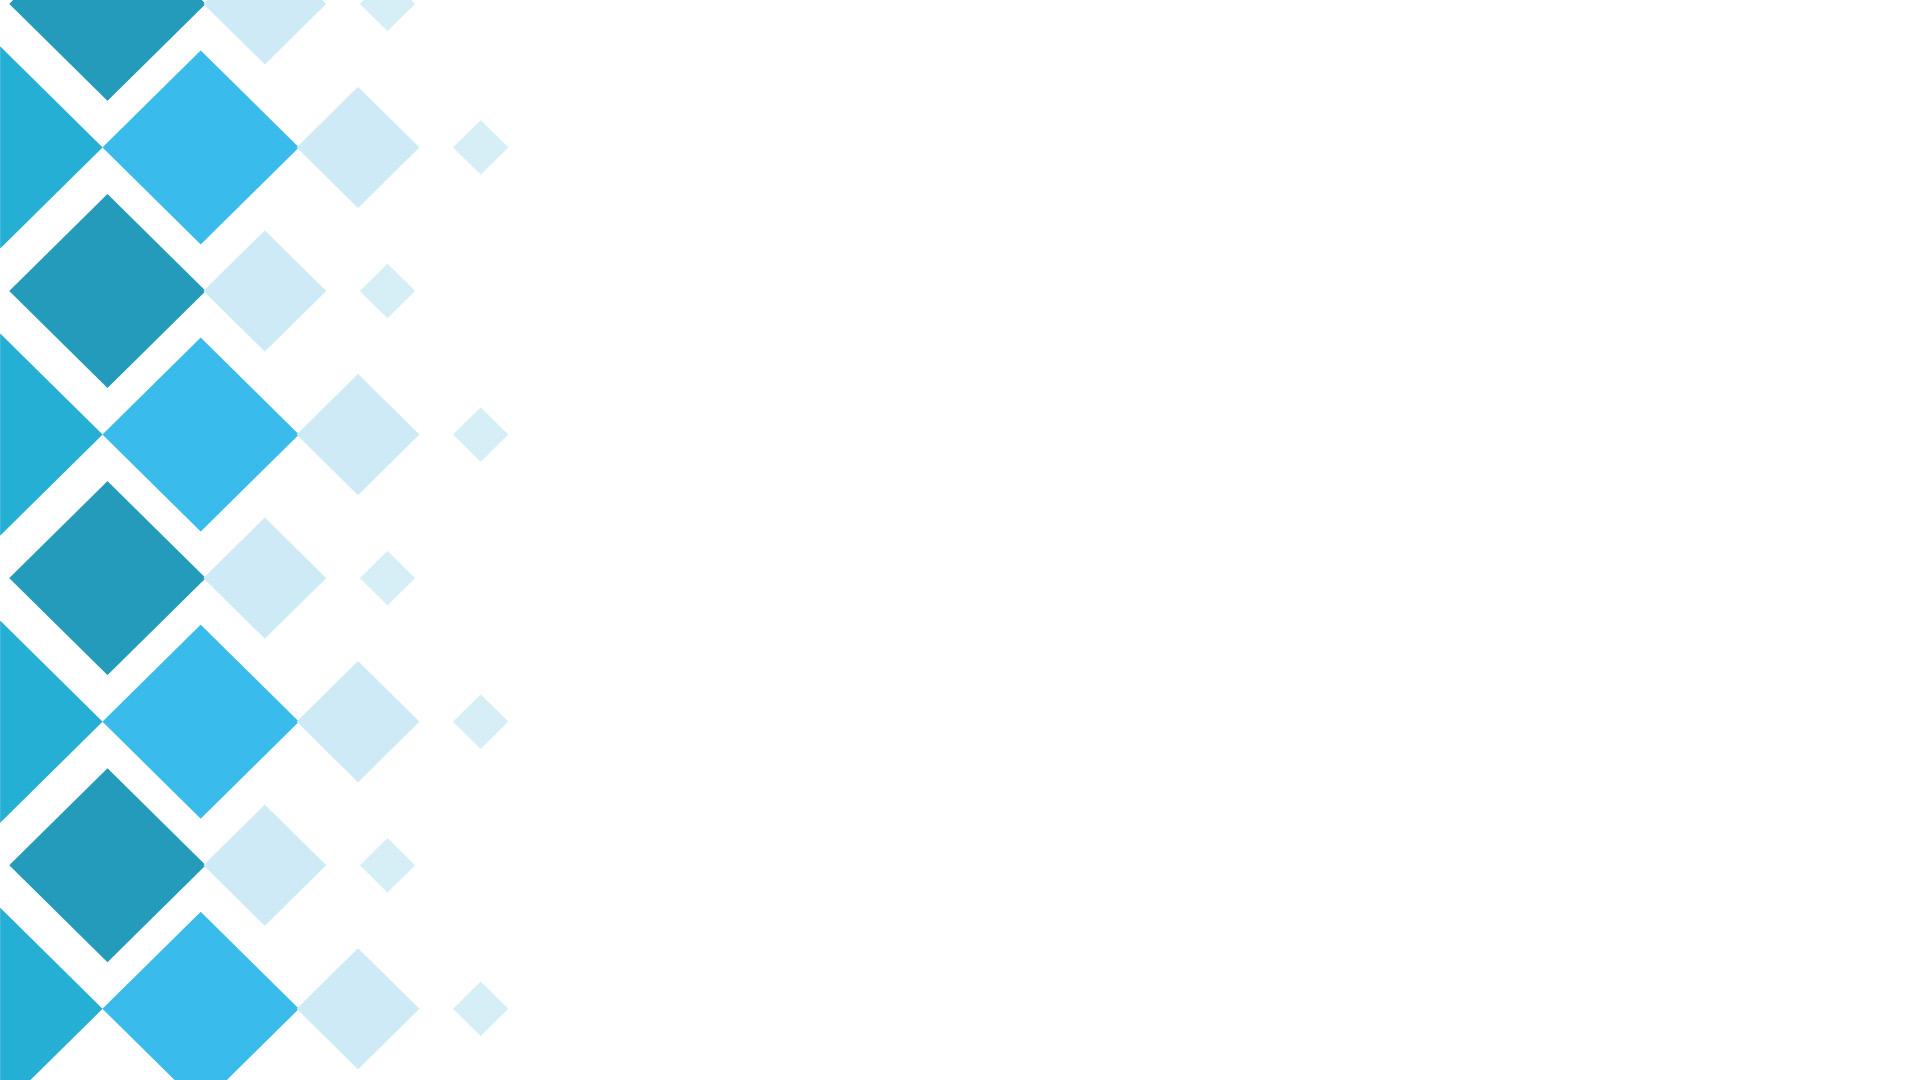 Hình nền Powerpoint sáng xanh cực chất